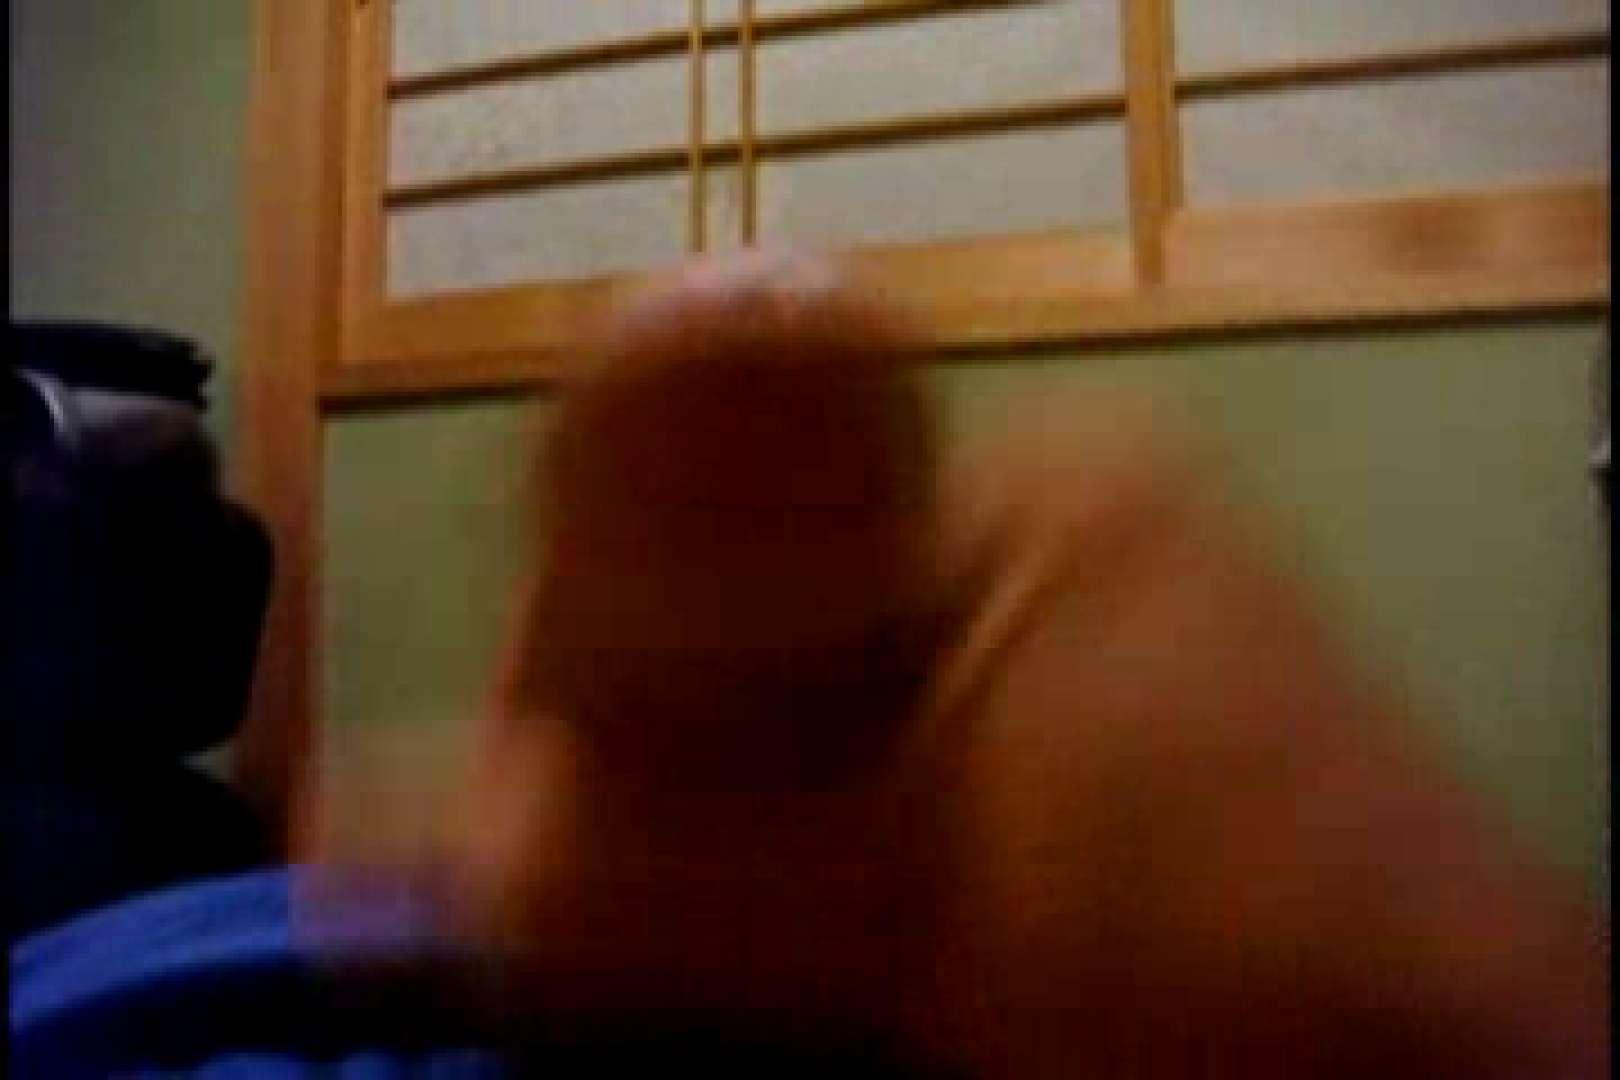 オナ好きノンケテニス部員の自画撮り投稿vol.02 流出  104pic 55